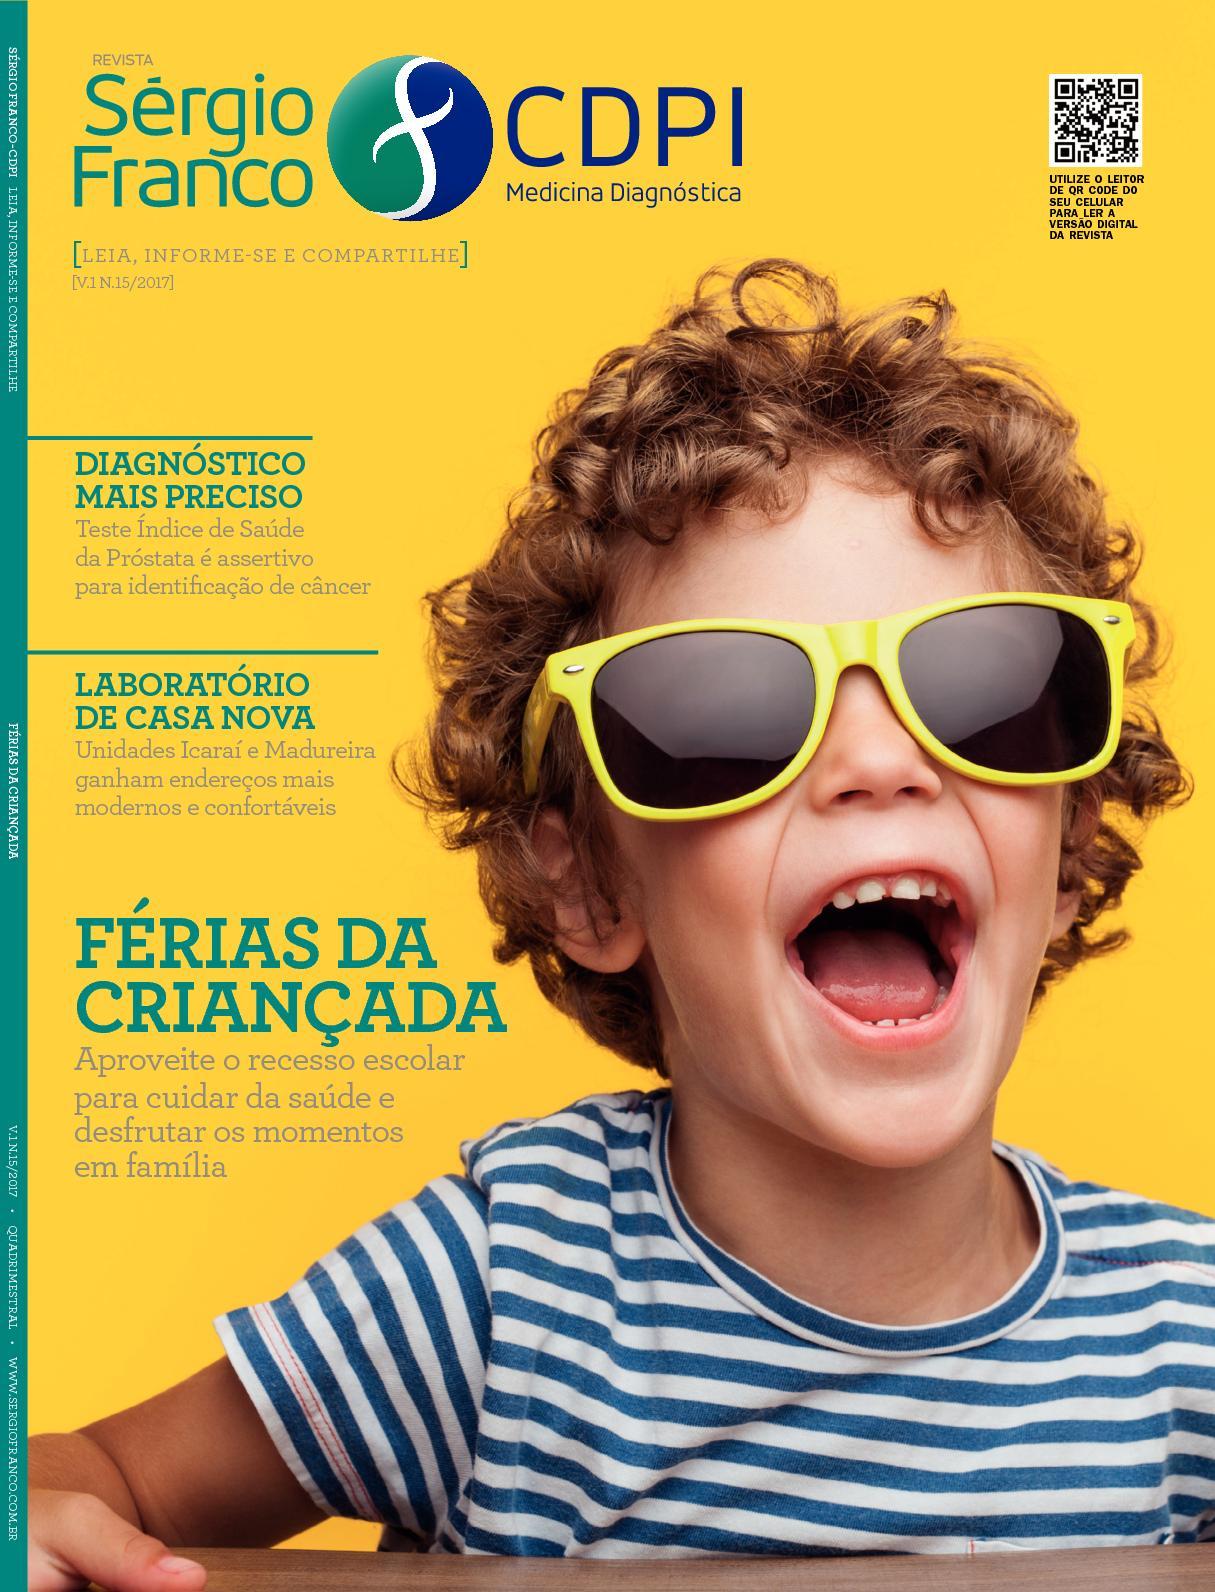 Calaméo - Sergio Franco CDPI 15 872dcadd21